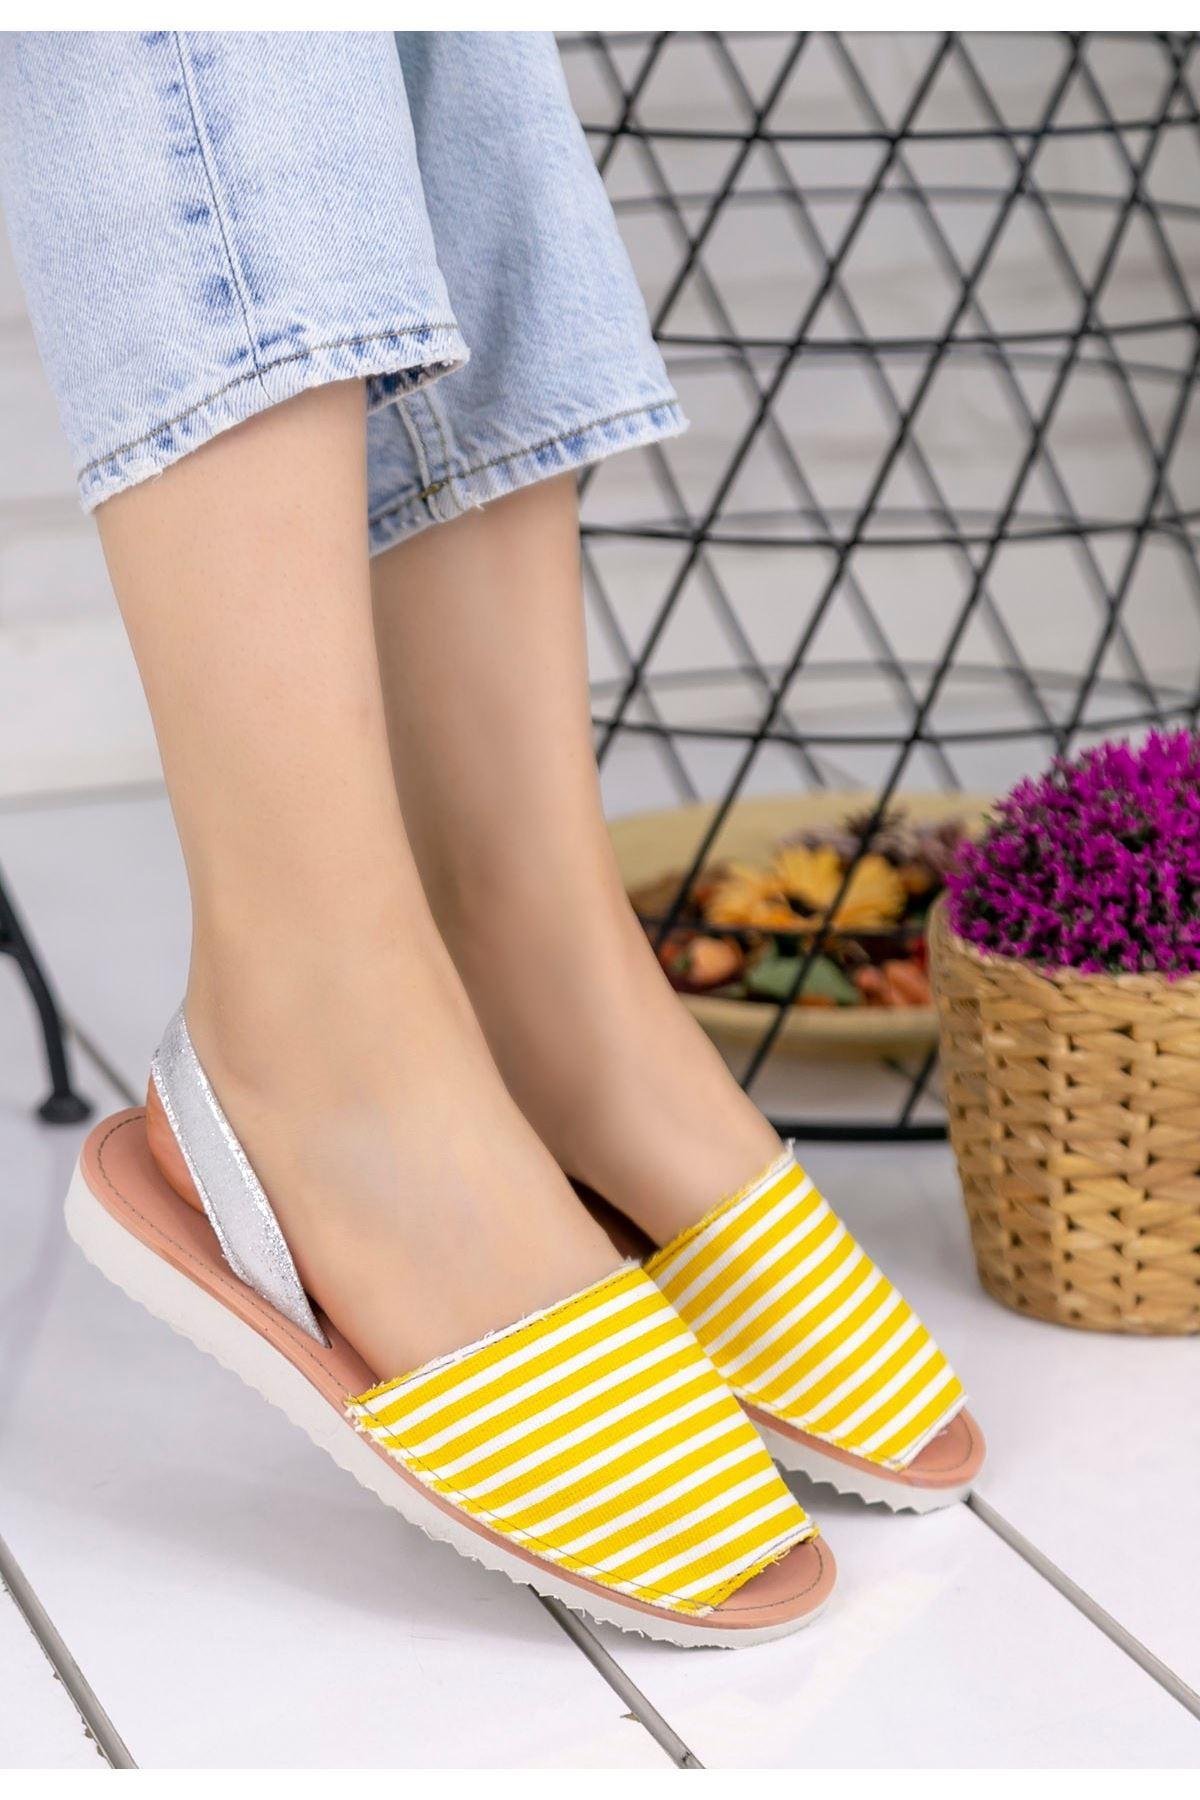 Samiye Sarı Beyaz Çizgili Sandalet